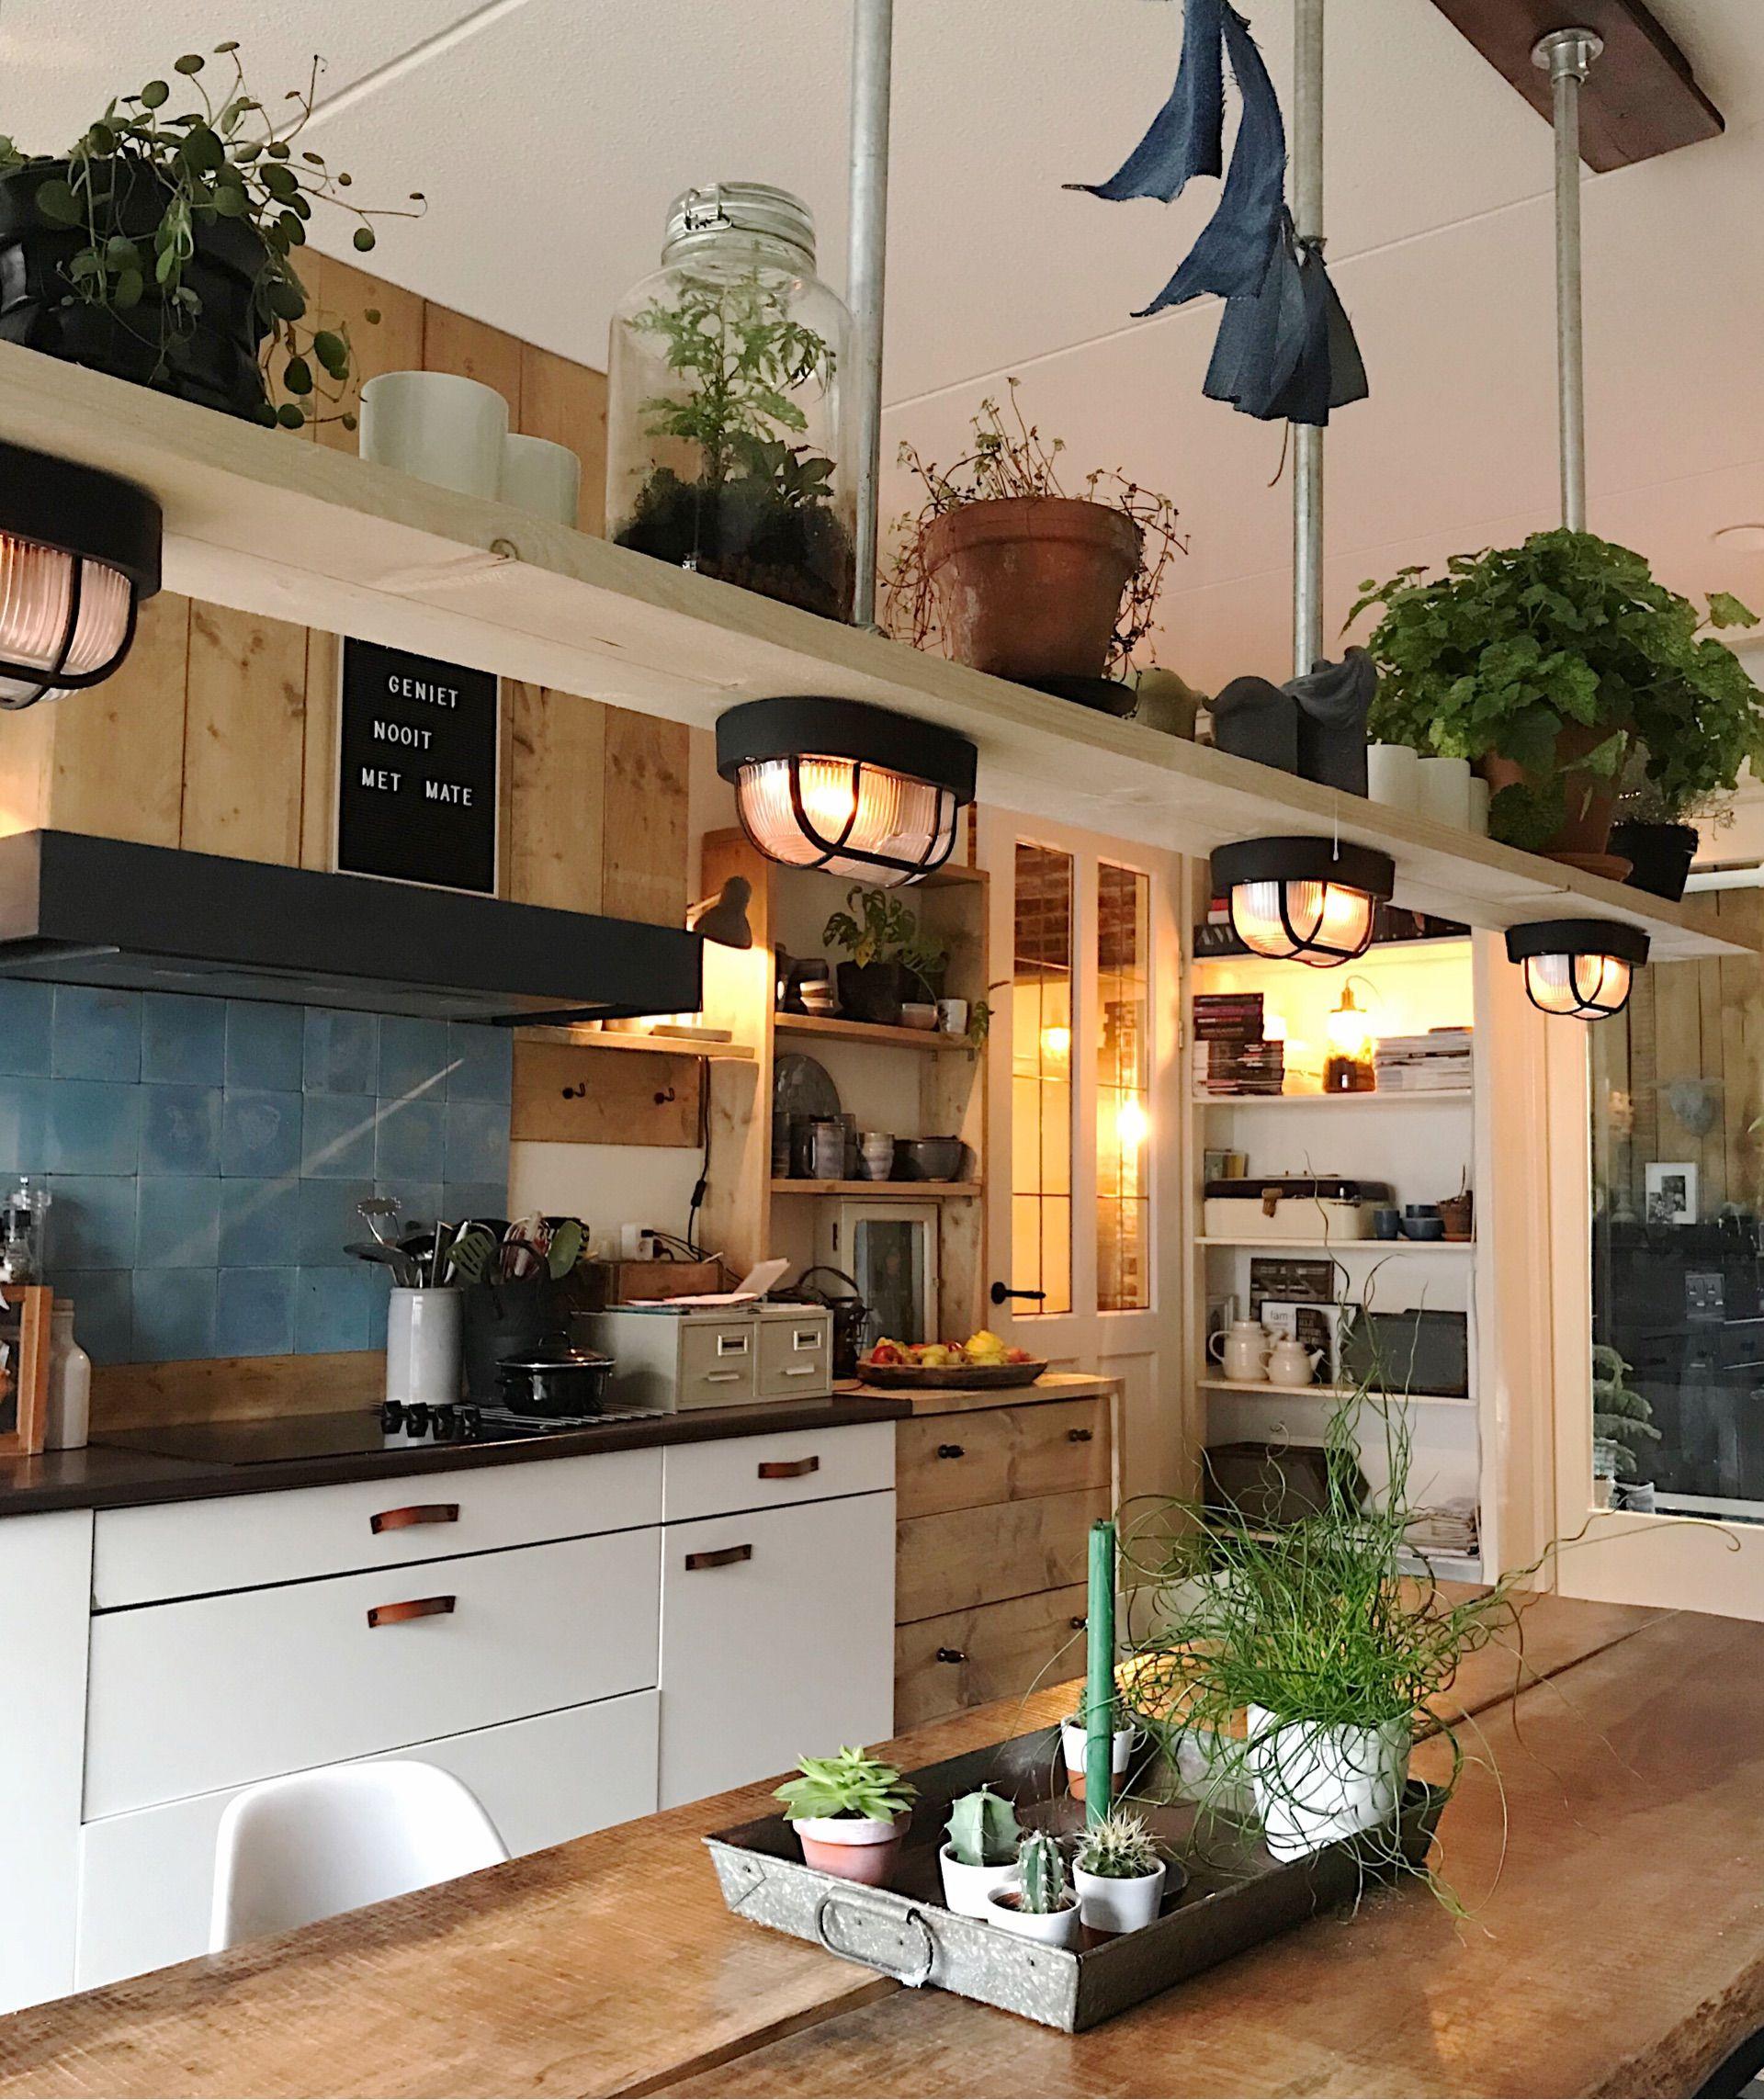 47 Incredibly Inspiring Industrial Style Kitchens: Keuken - Binnenkijken Bij Mijnhuis__enzo